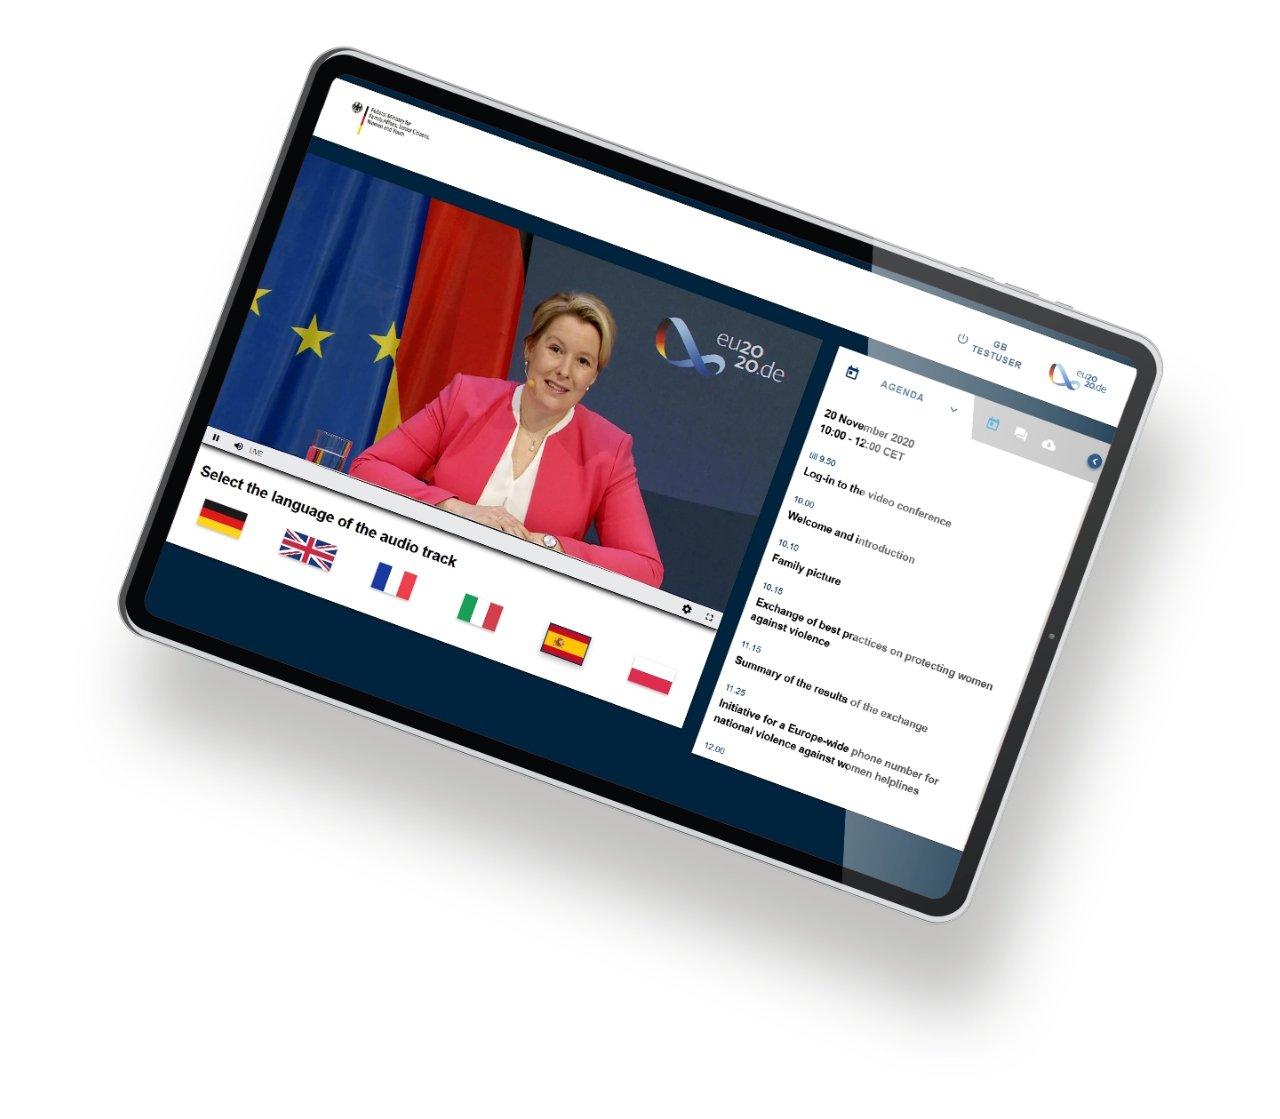 Tablet Streaming Portal